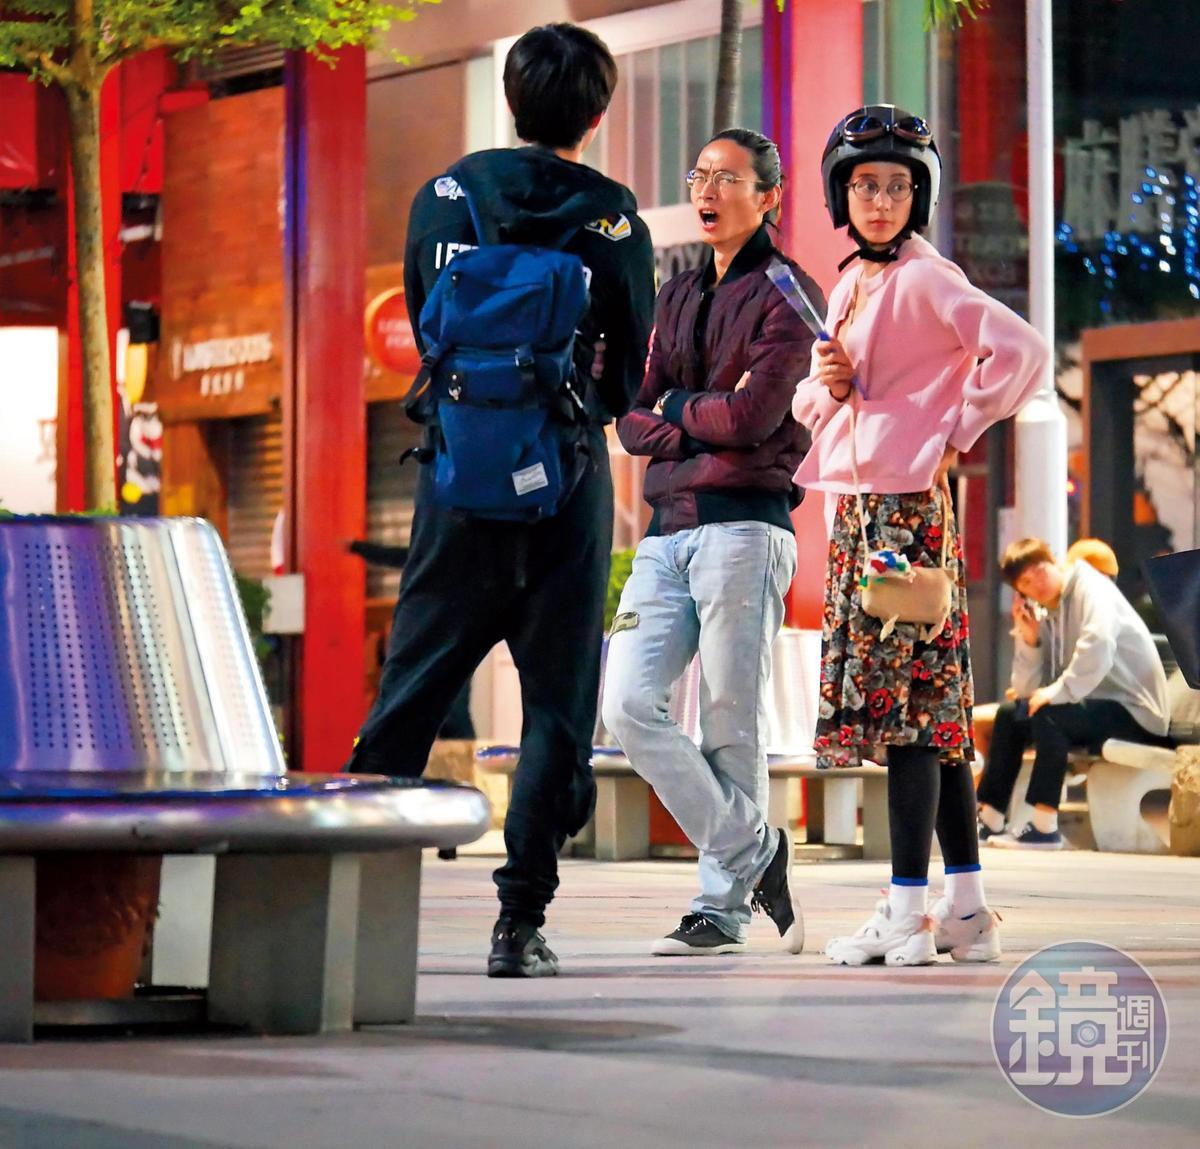 2016年本刊曾直擊黃河和温貞菱約會,温貞菱戴著安全帽讓黃河騎機車載回家,相當有平民的浪漫。